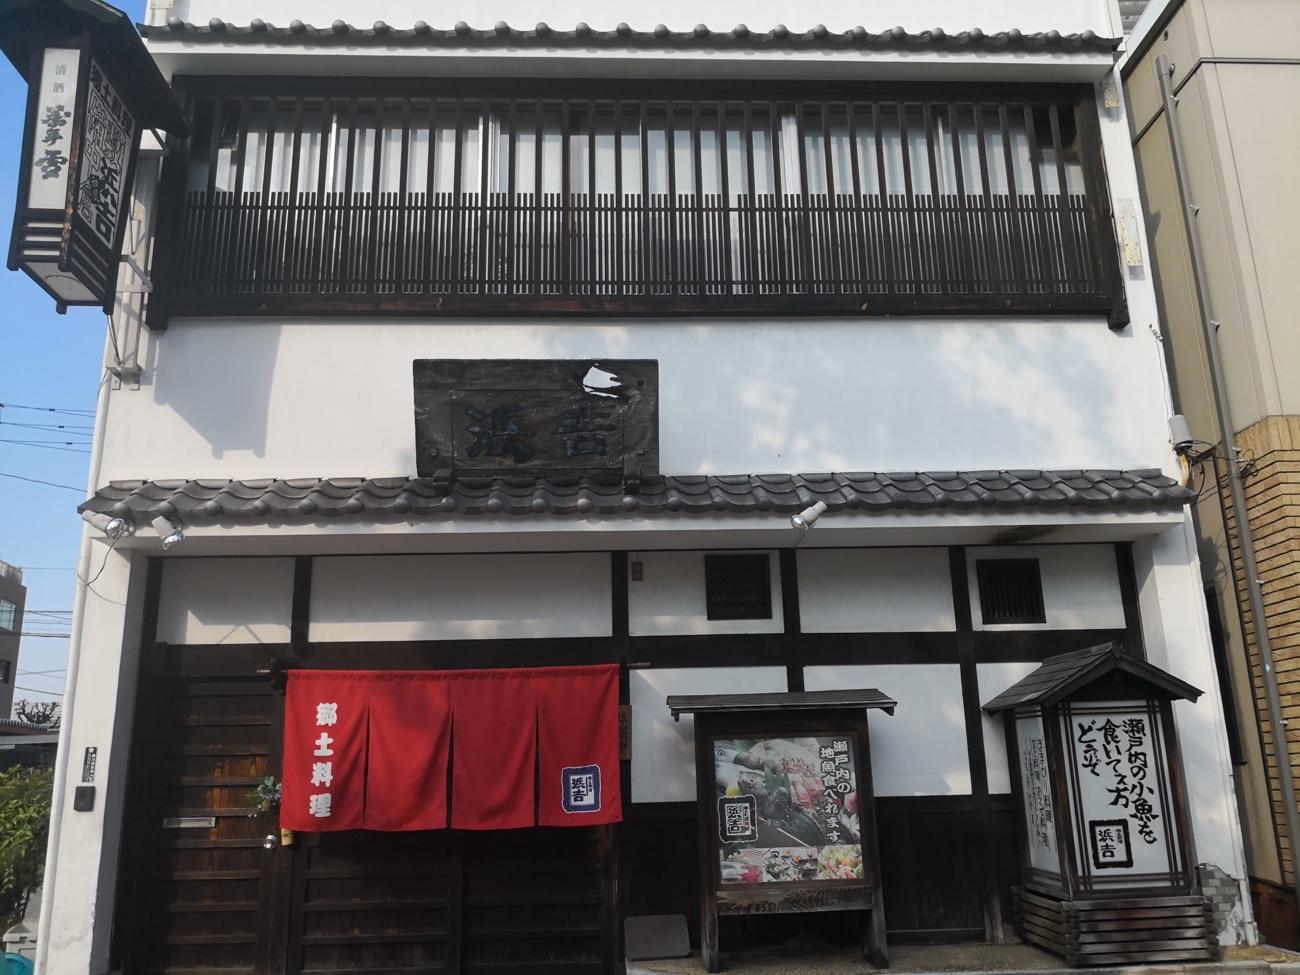 倉敷グルメ名物ブログ 郷土料理 浜吉